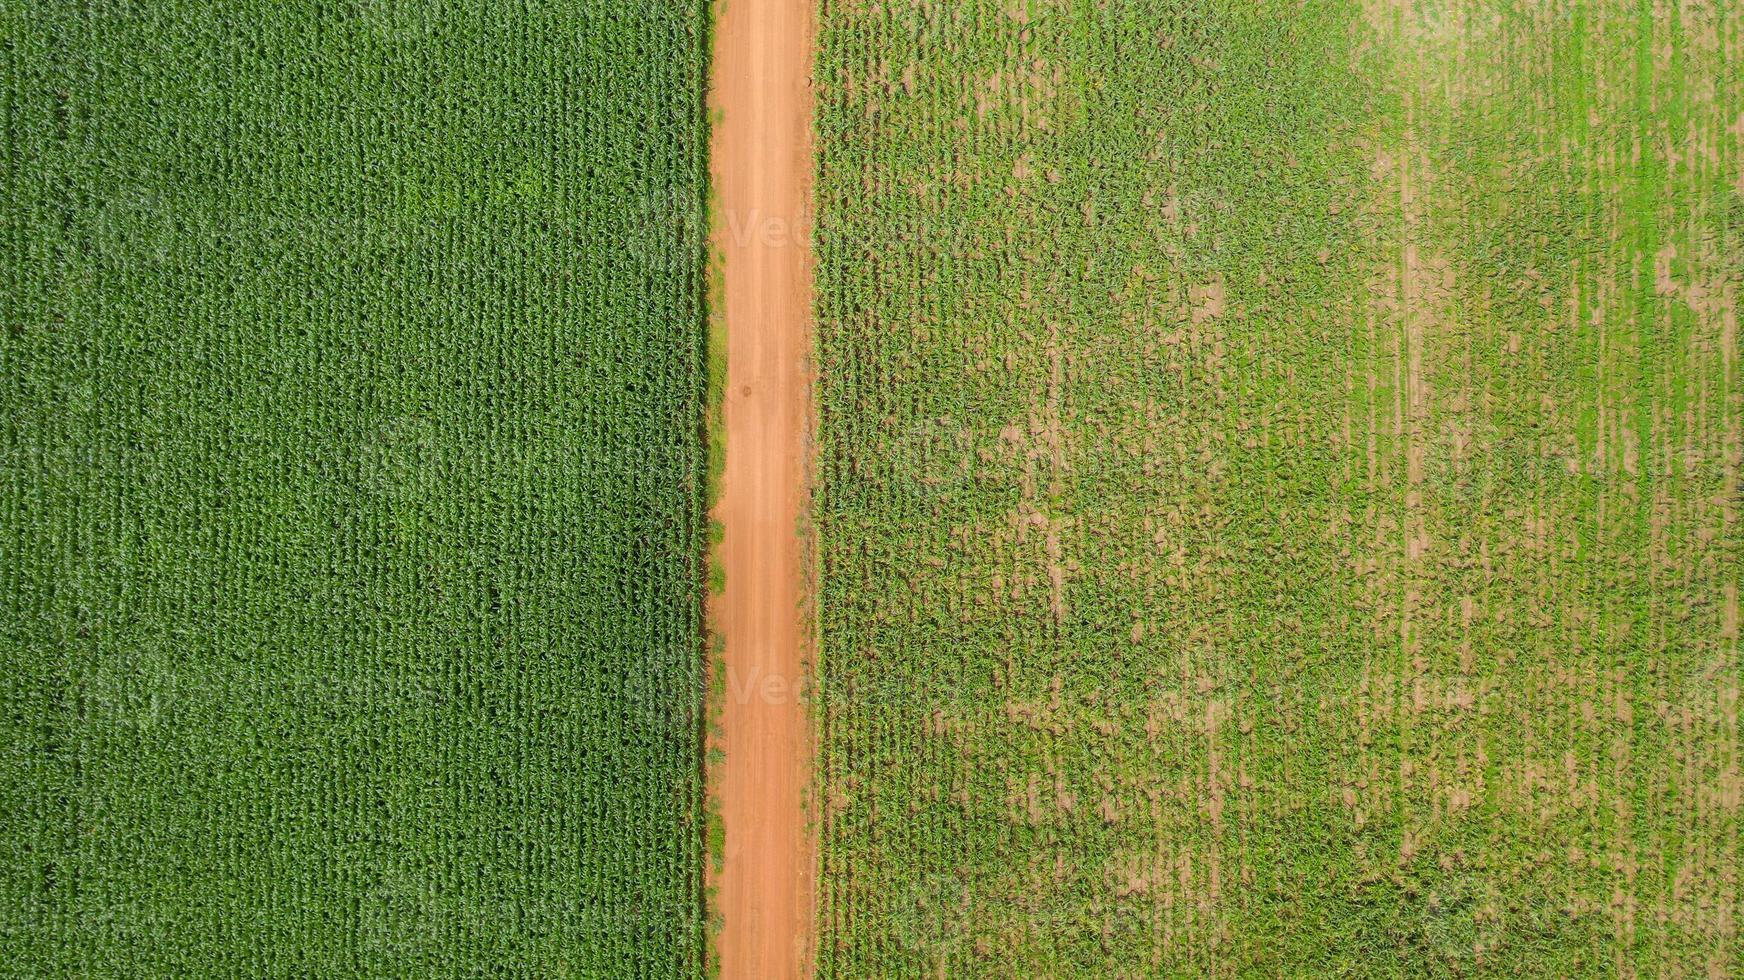 vue aérienne des champs de maïs photo